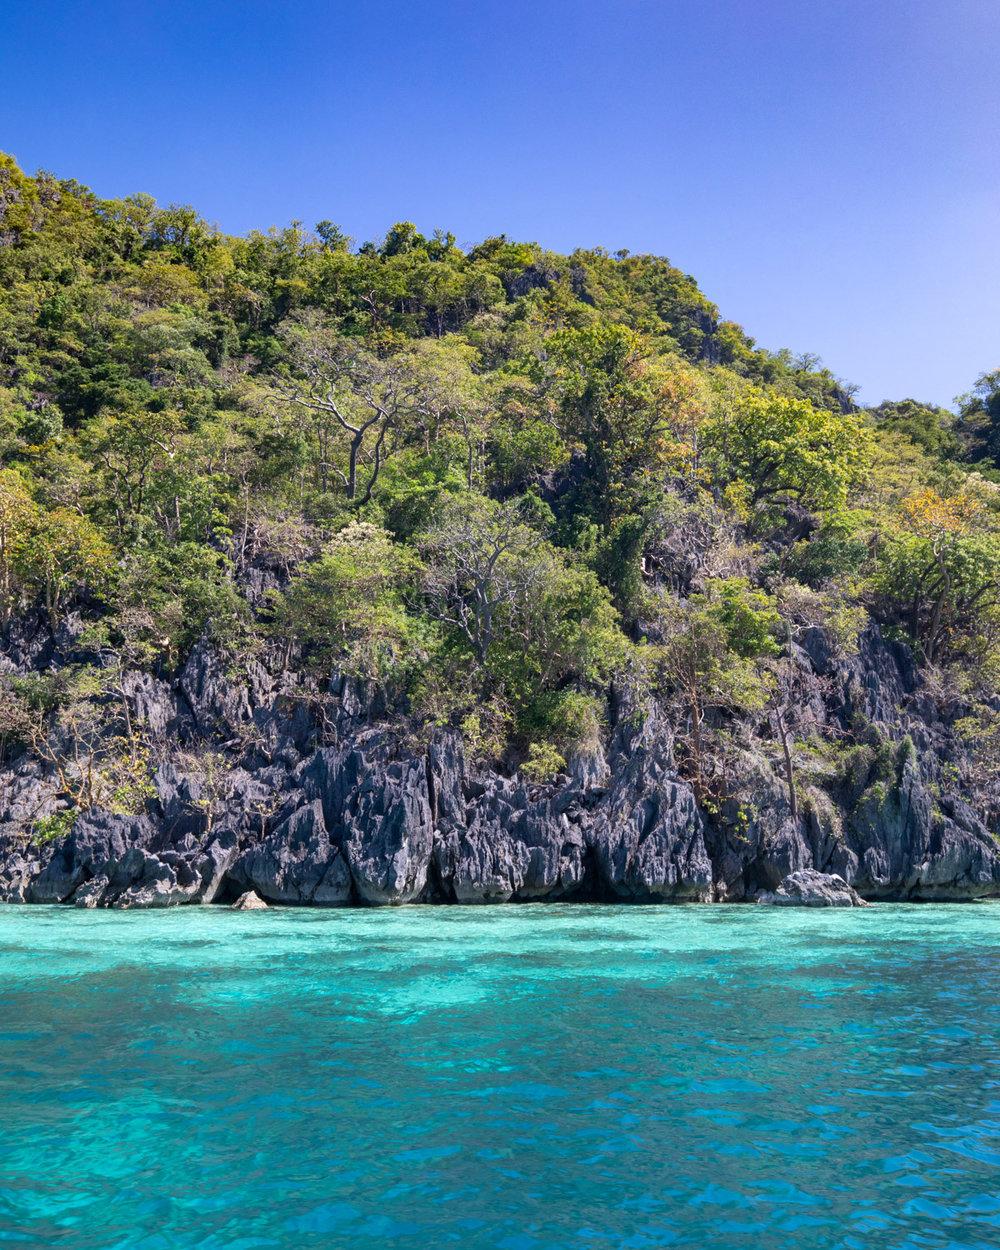 The beautiful island of Coron Palawan